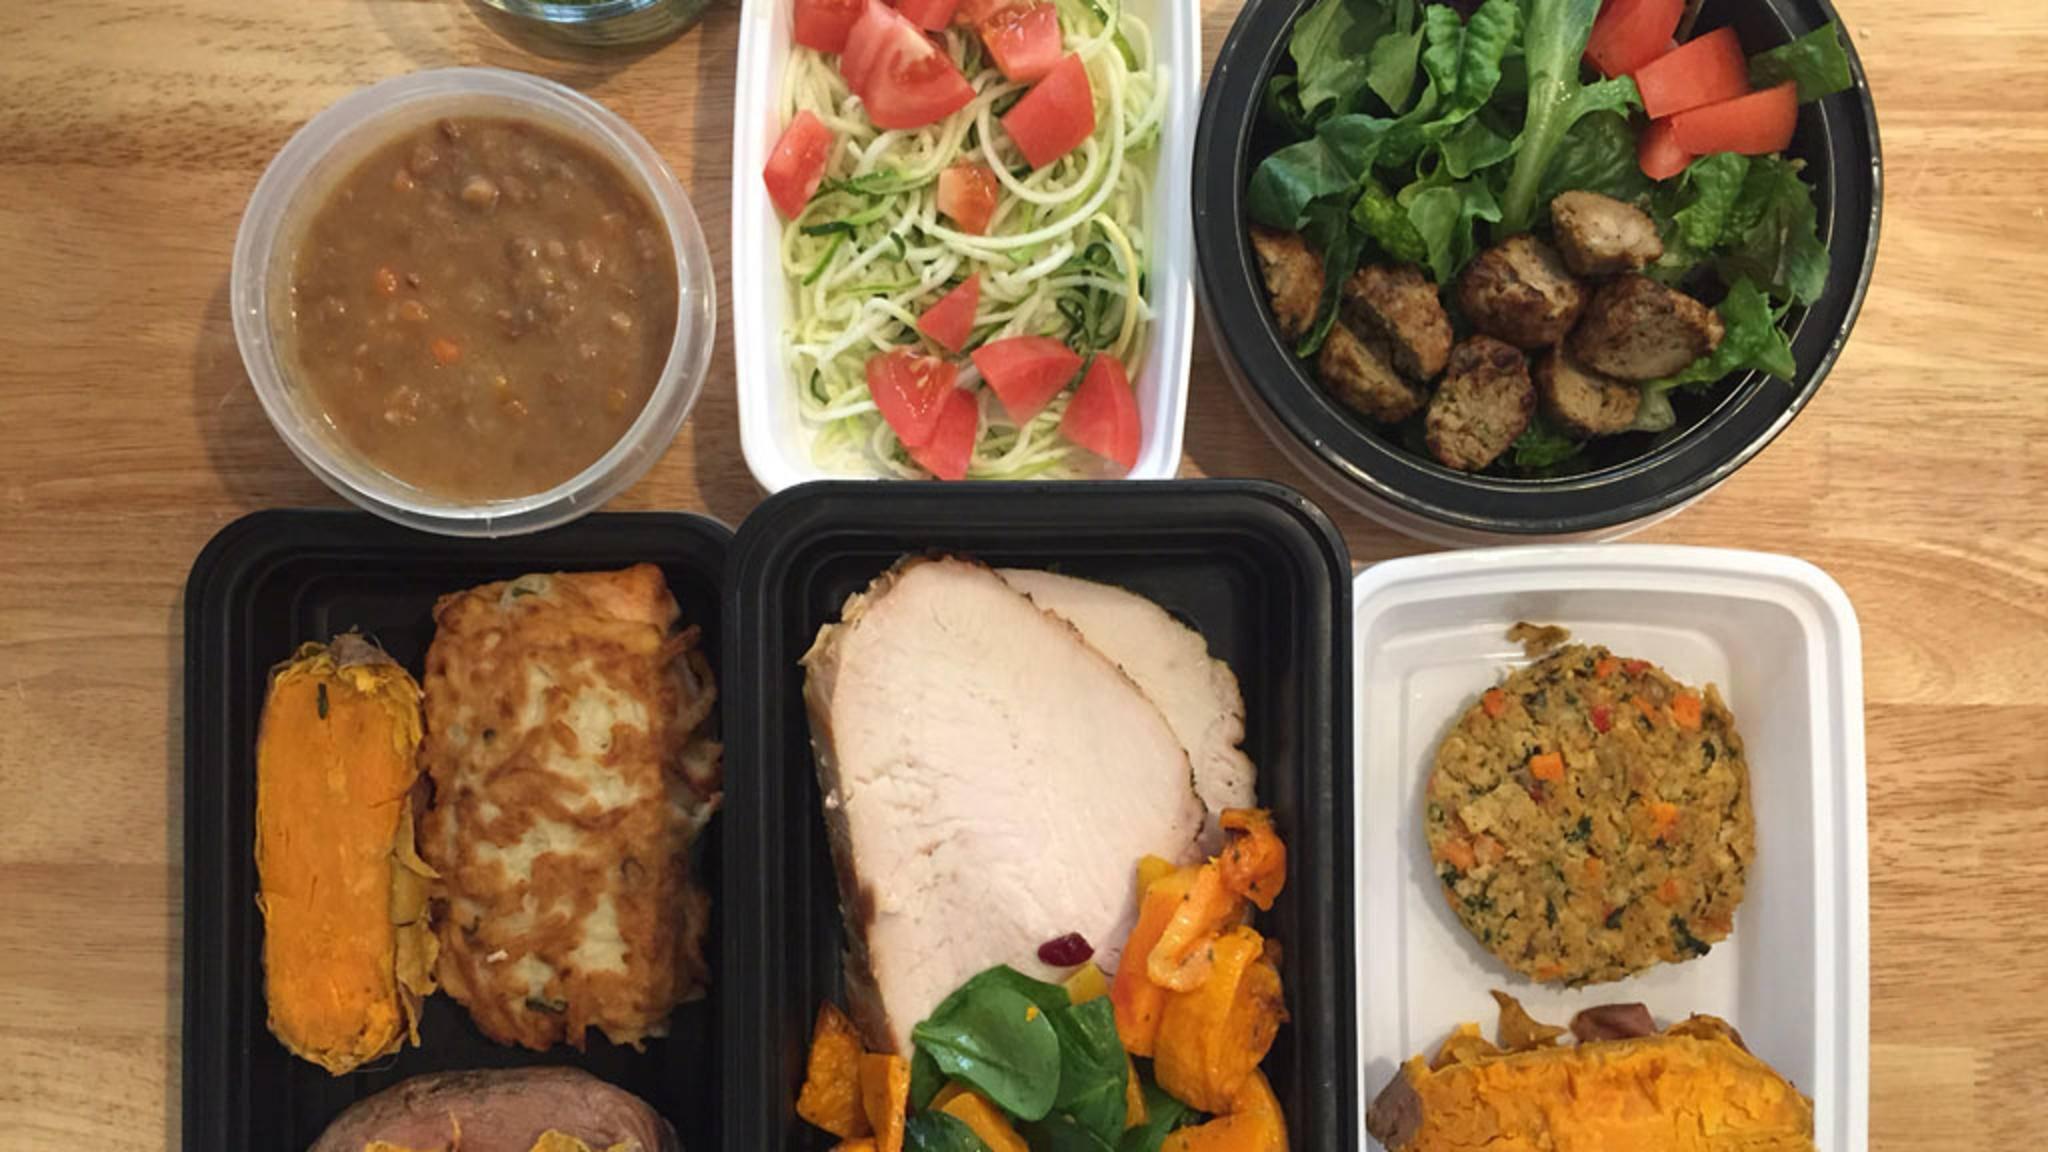 Suppe, Salat, Fleisch oder Gemüse: Meal-Prep-Gerichte sind äußerst vielseitig. Hier findest Du Inspiration für eigene Vorkoch-Aktionen!